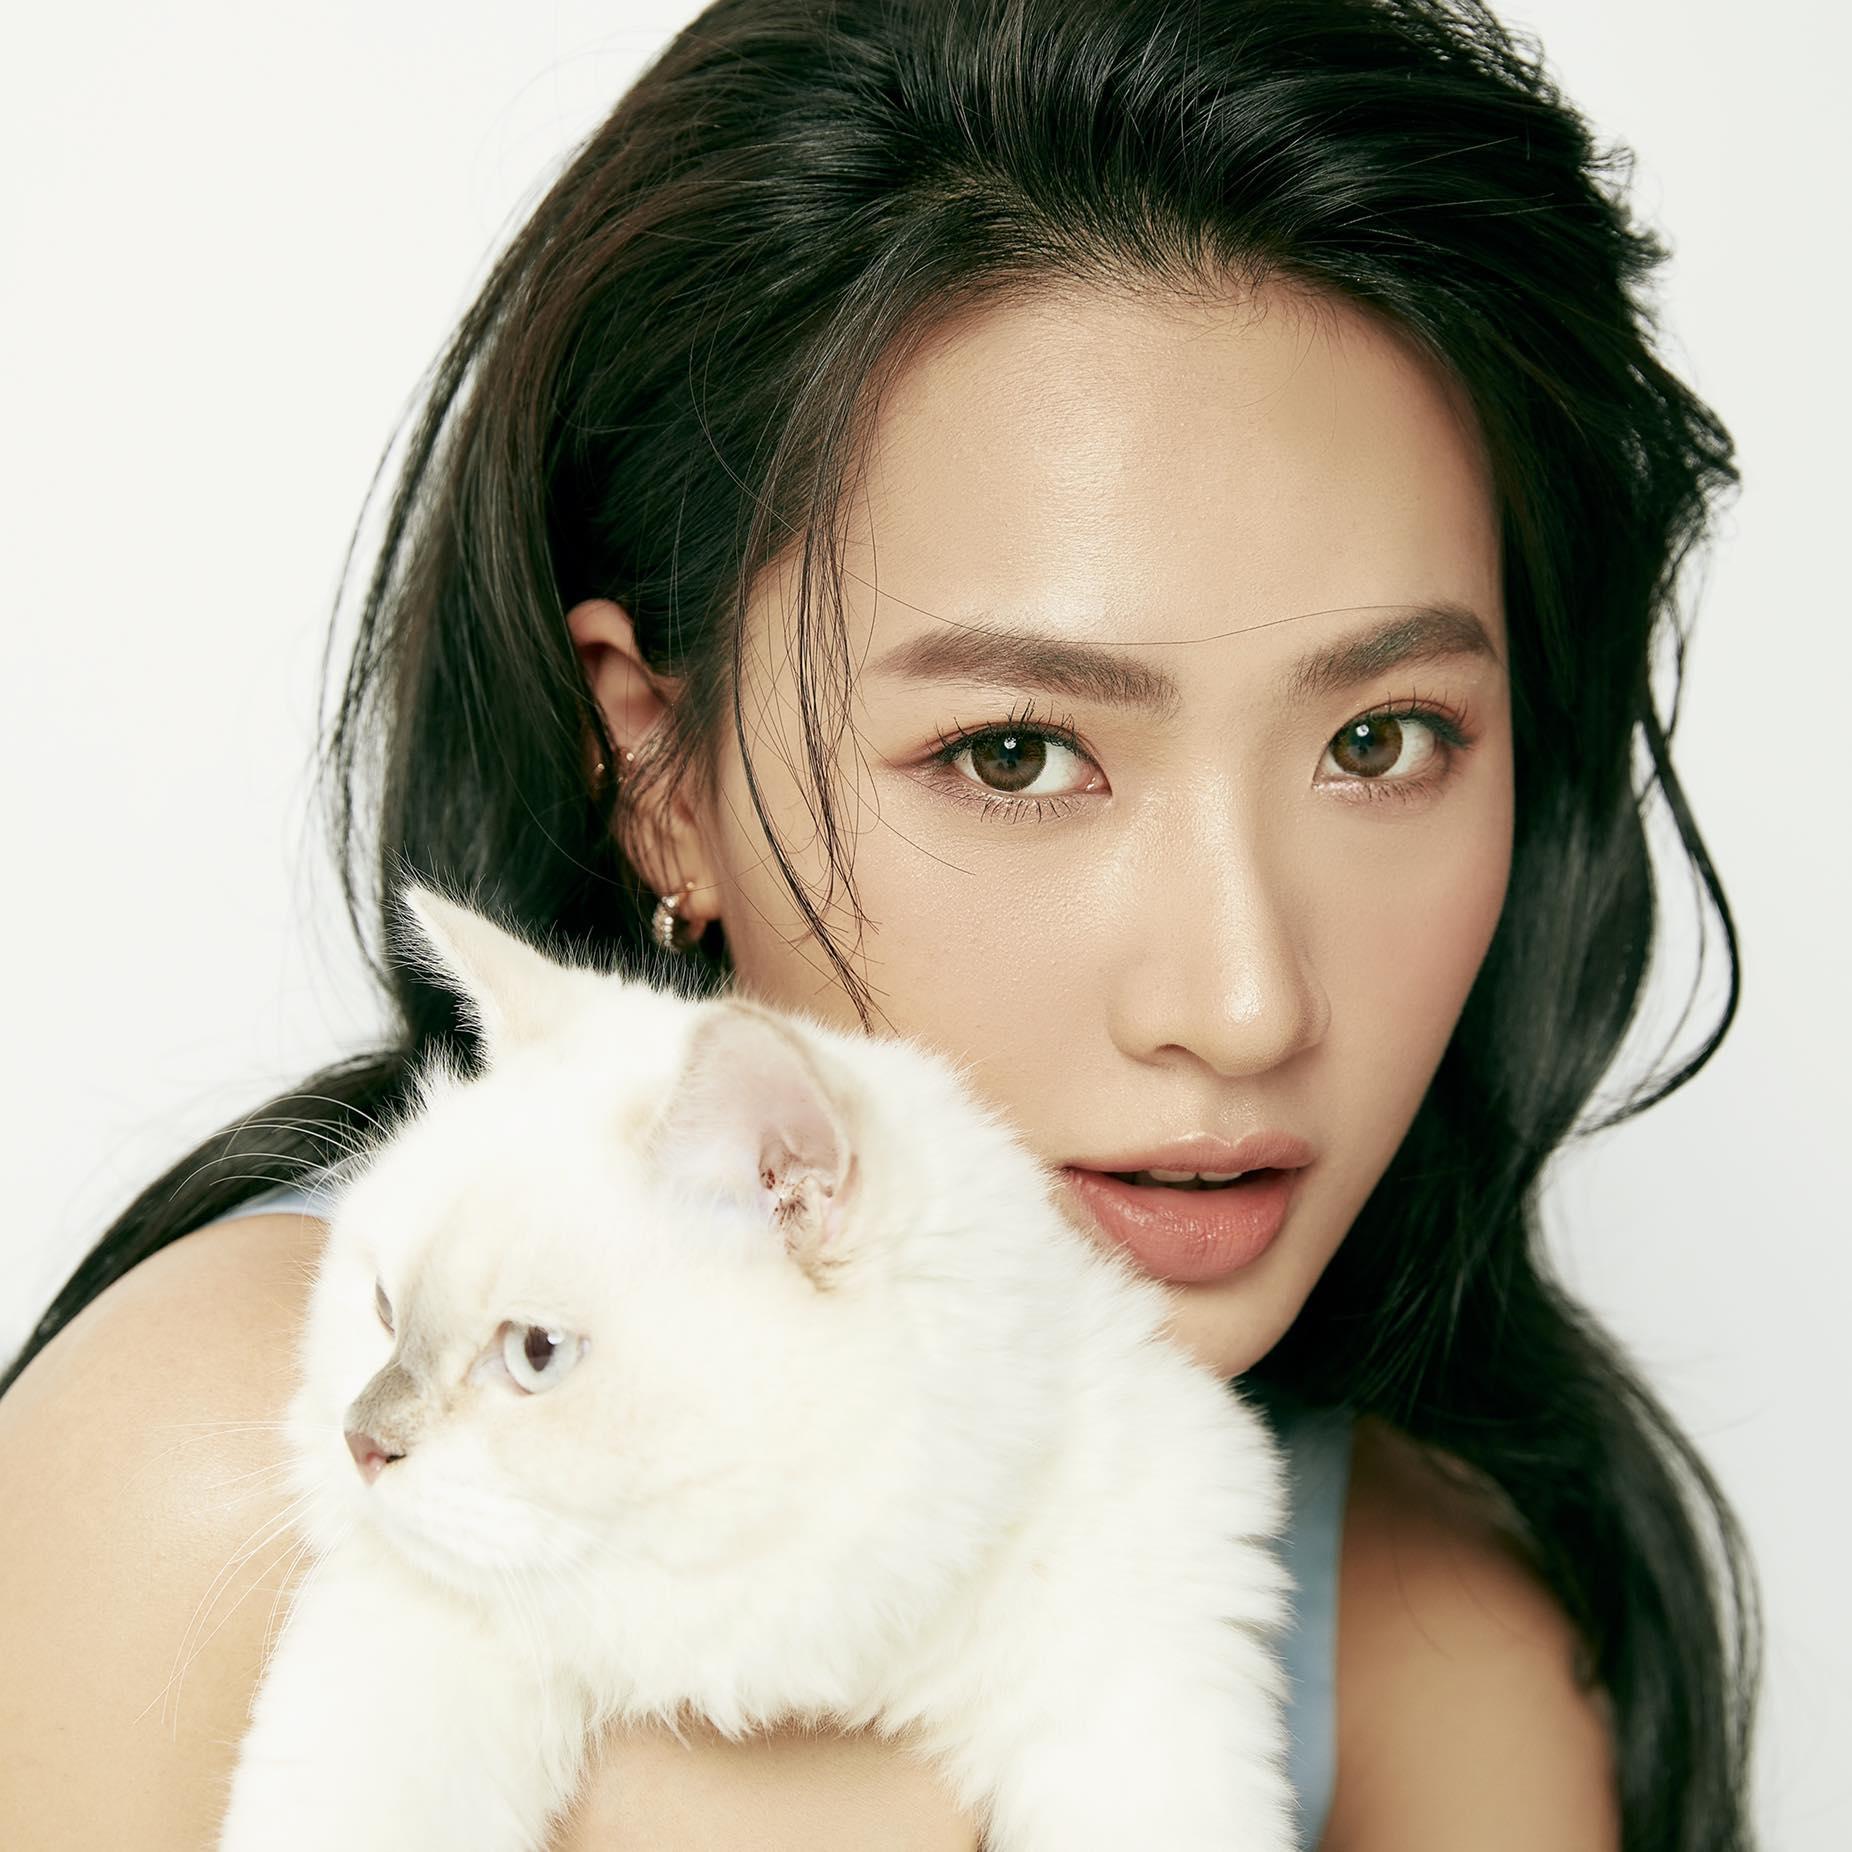 Hiệu ứng Covid-19 đưa Petmall.vn trở nên phổ biến với người nuôi thú cưng cùng dịch vụ freeship, giao nhanh trong 60 phút ở Sài Gòn - Ảnh 1.